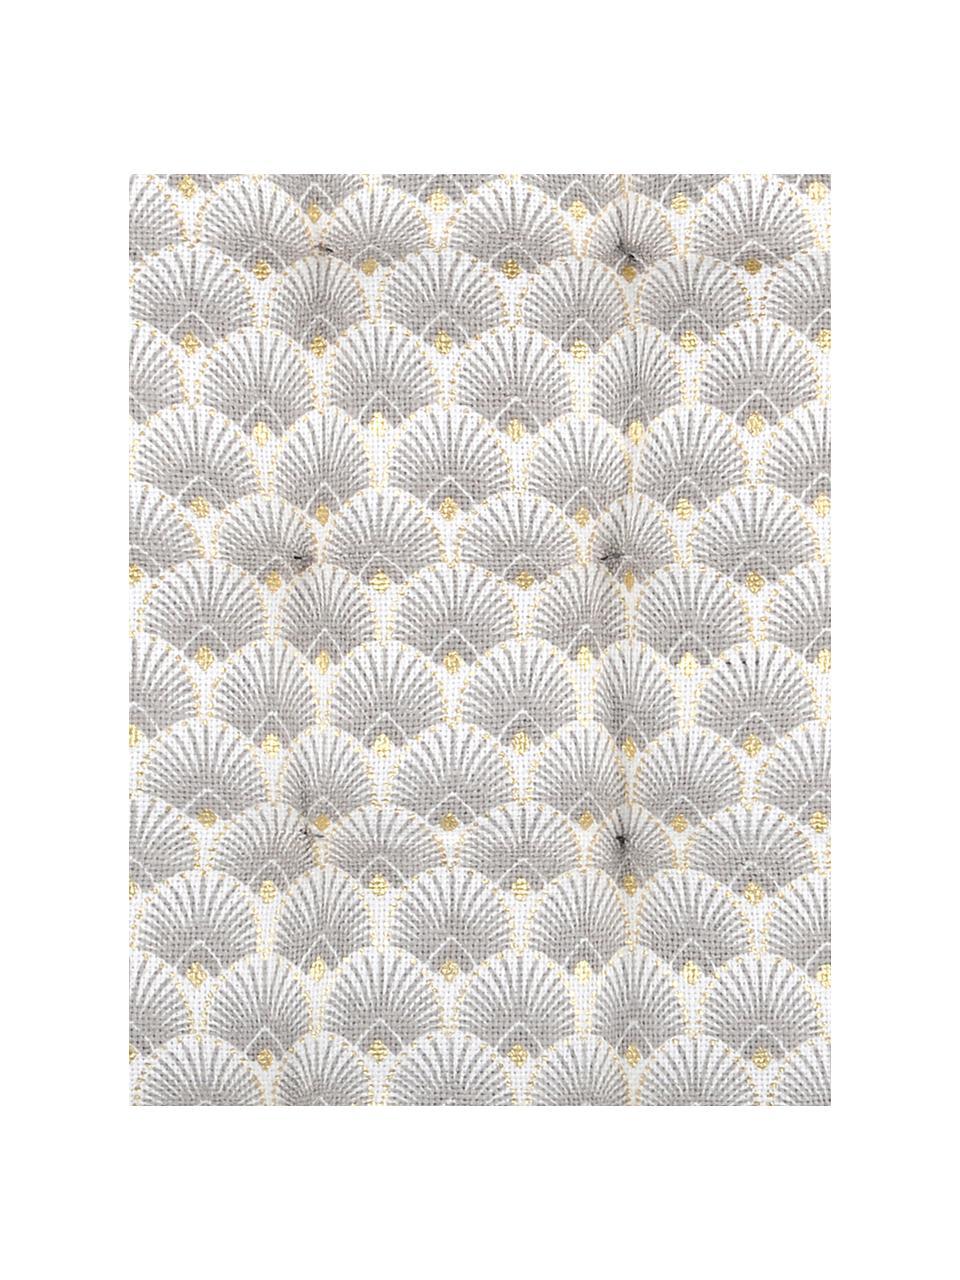 Sitzauflage Corosol, 100% Baumwolle, Grau, Gold, 40 x 40 cm